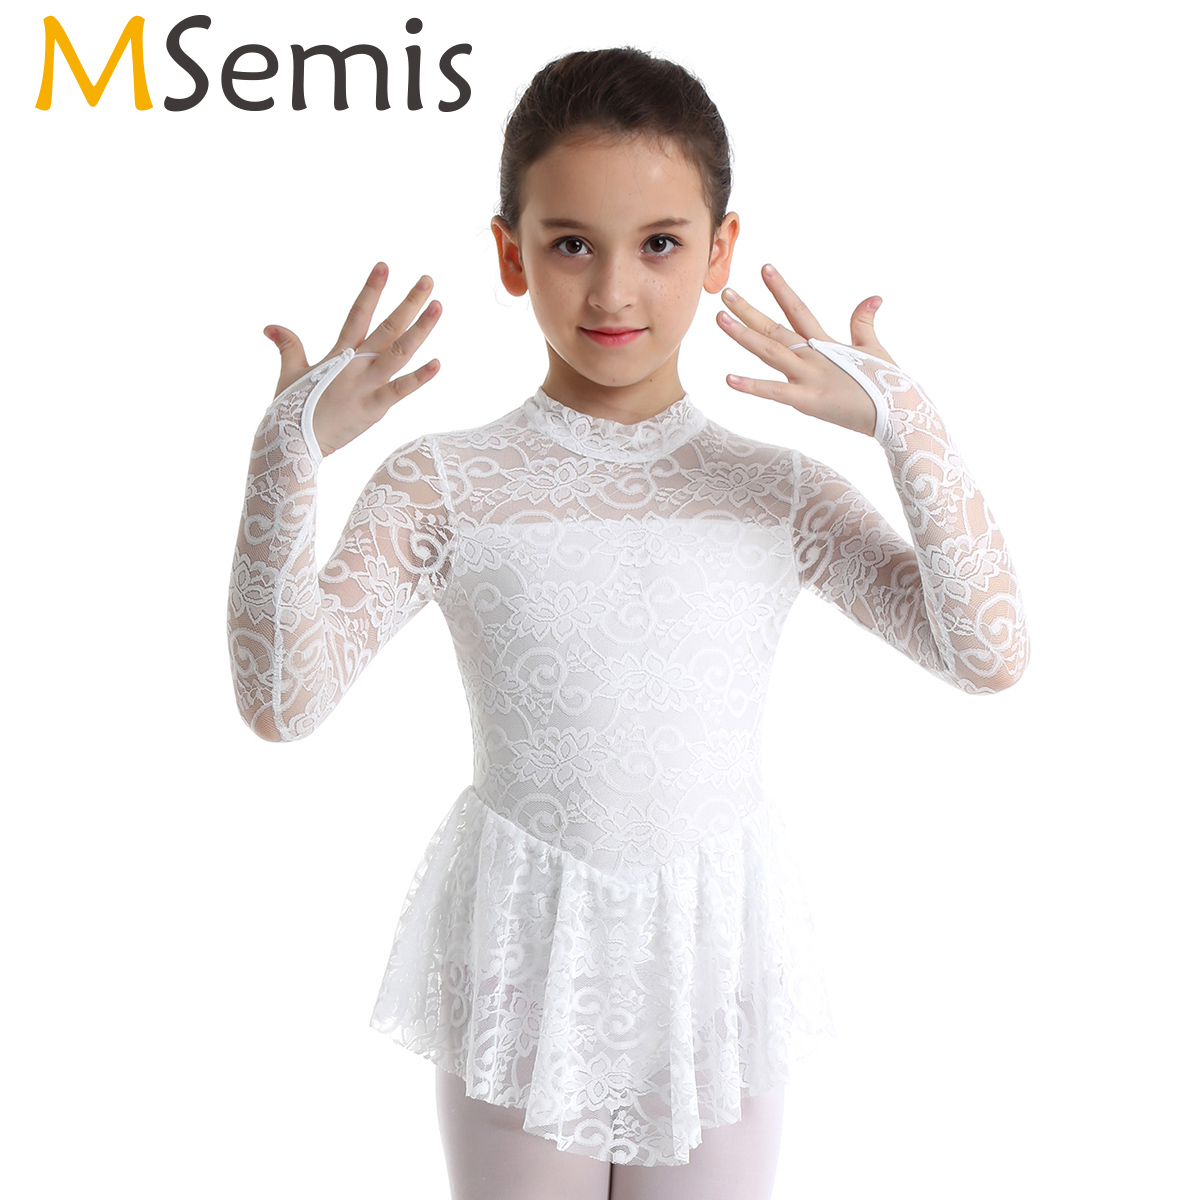 Figure Skating Dress Kids Girls Ice Skating Ballet Tutu Dress Gymnastics Leotard Floral Lace Competition Performance Dance Wear